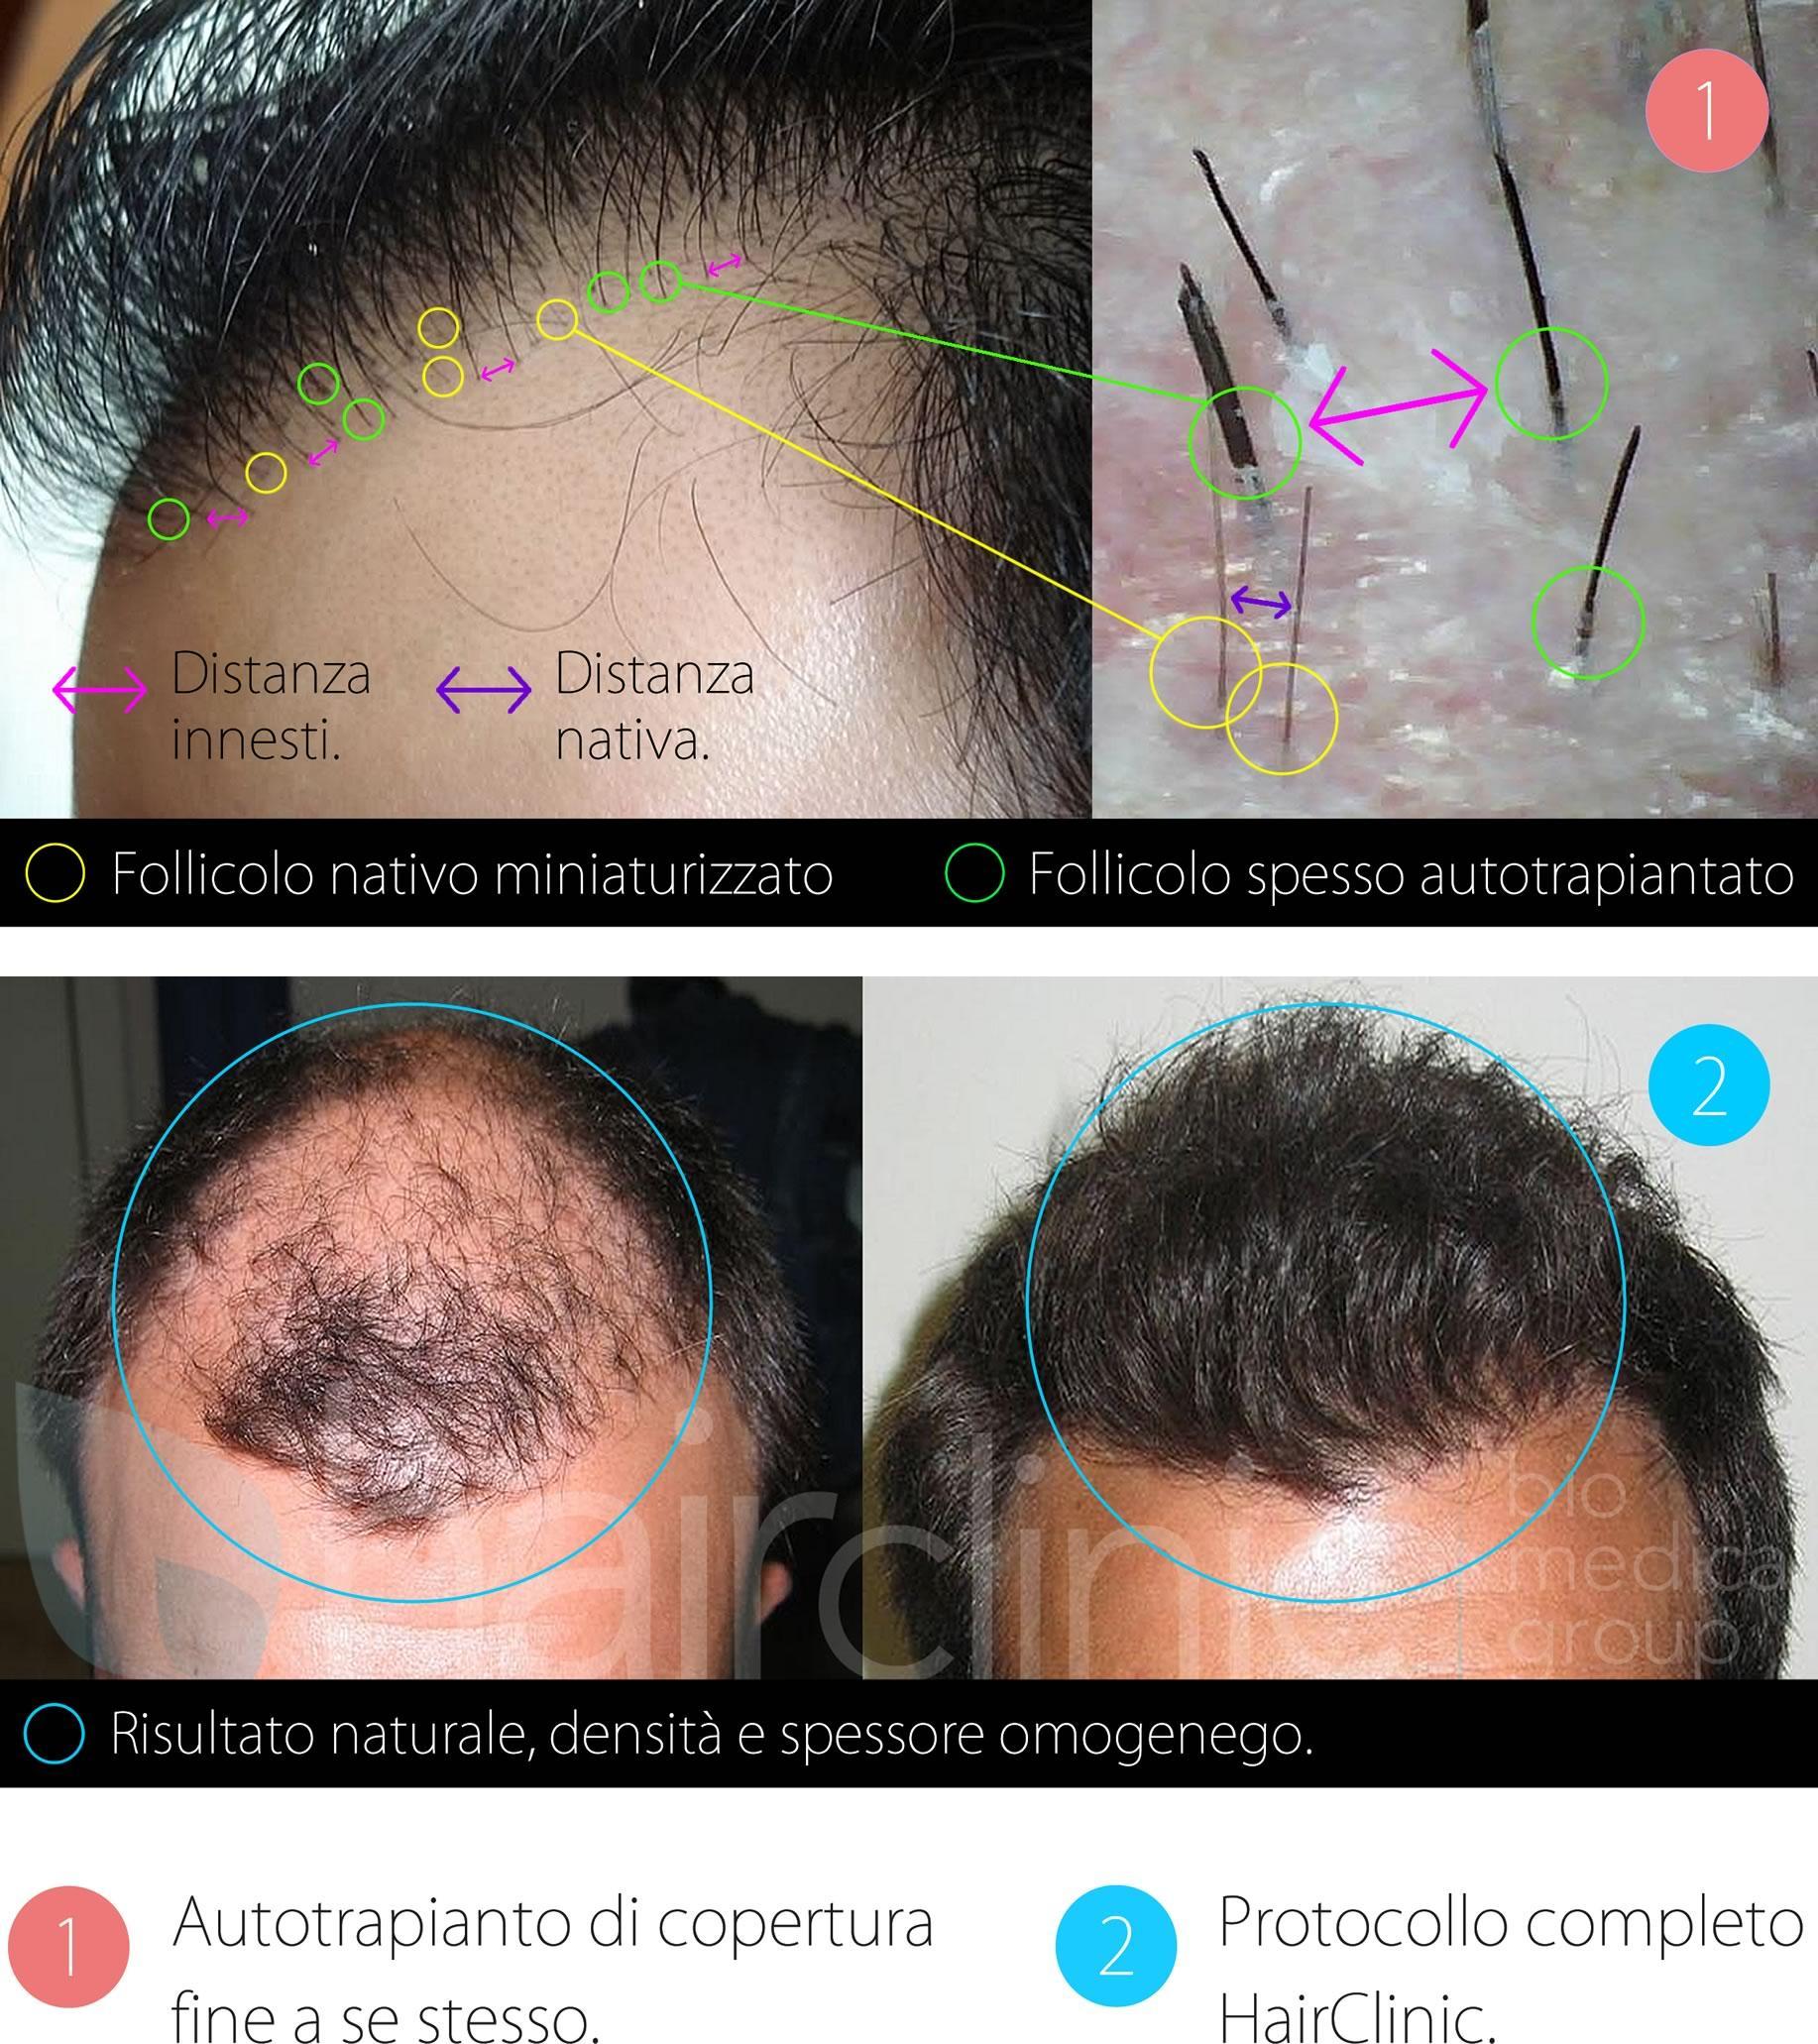 Trapianto di capelli  risultati e limiti - Tgcom24 1c270a06741b